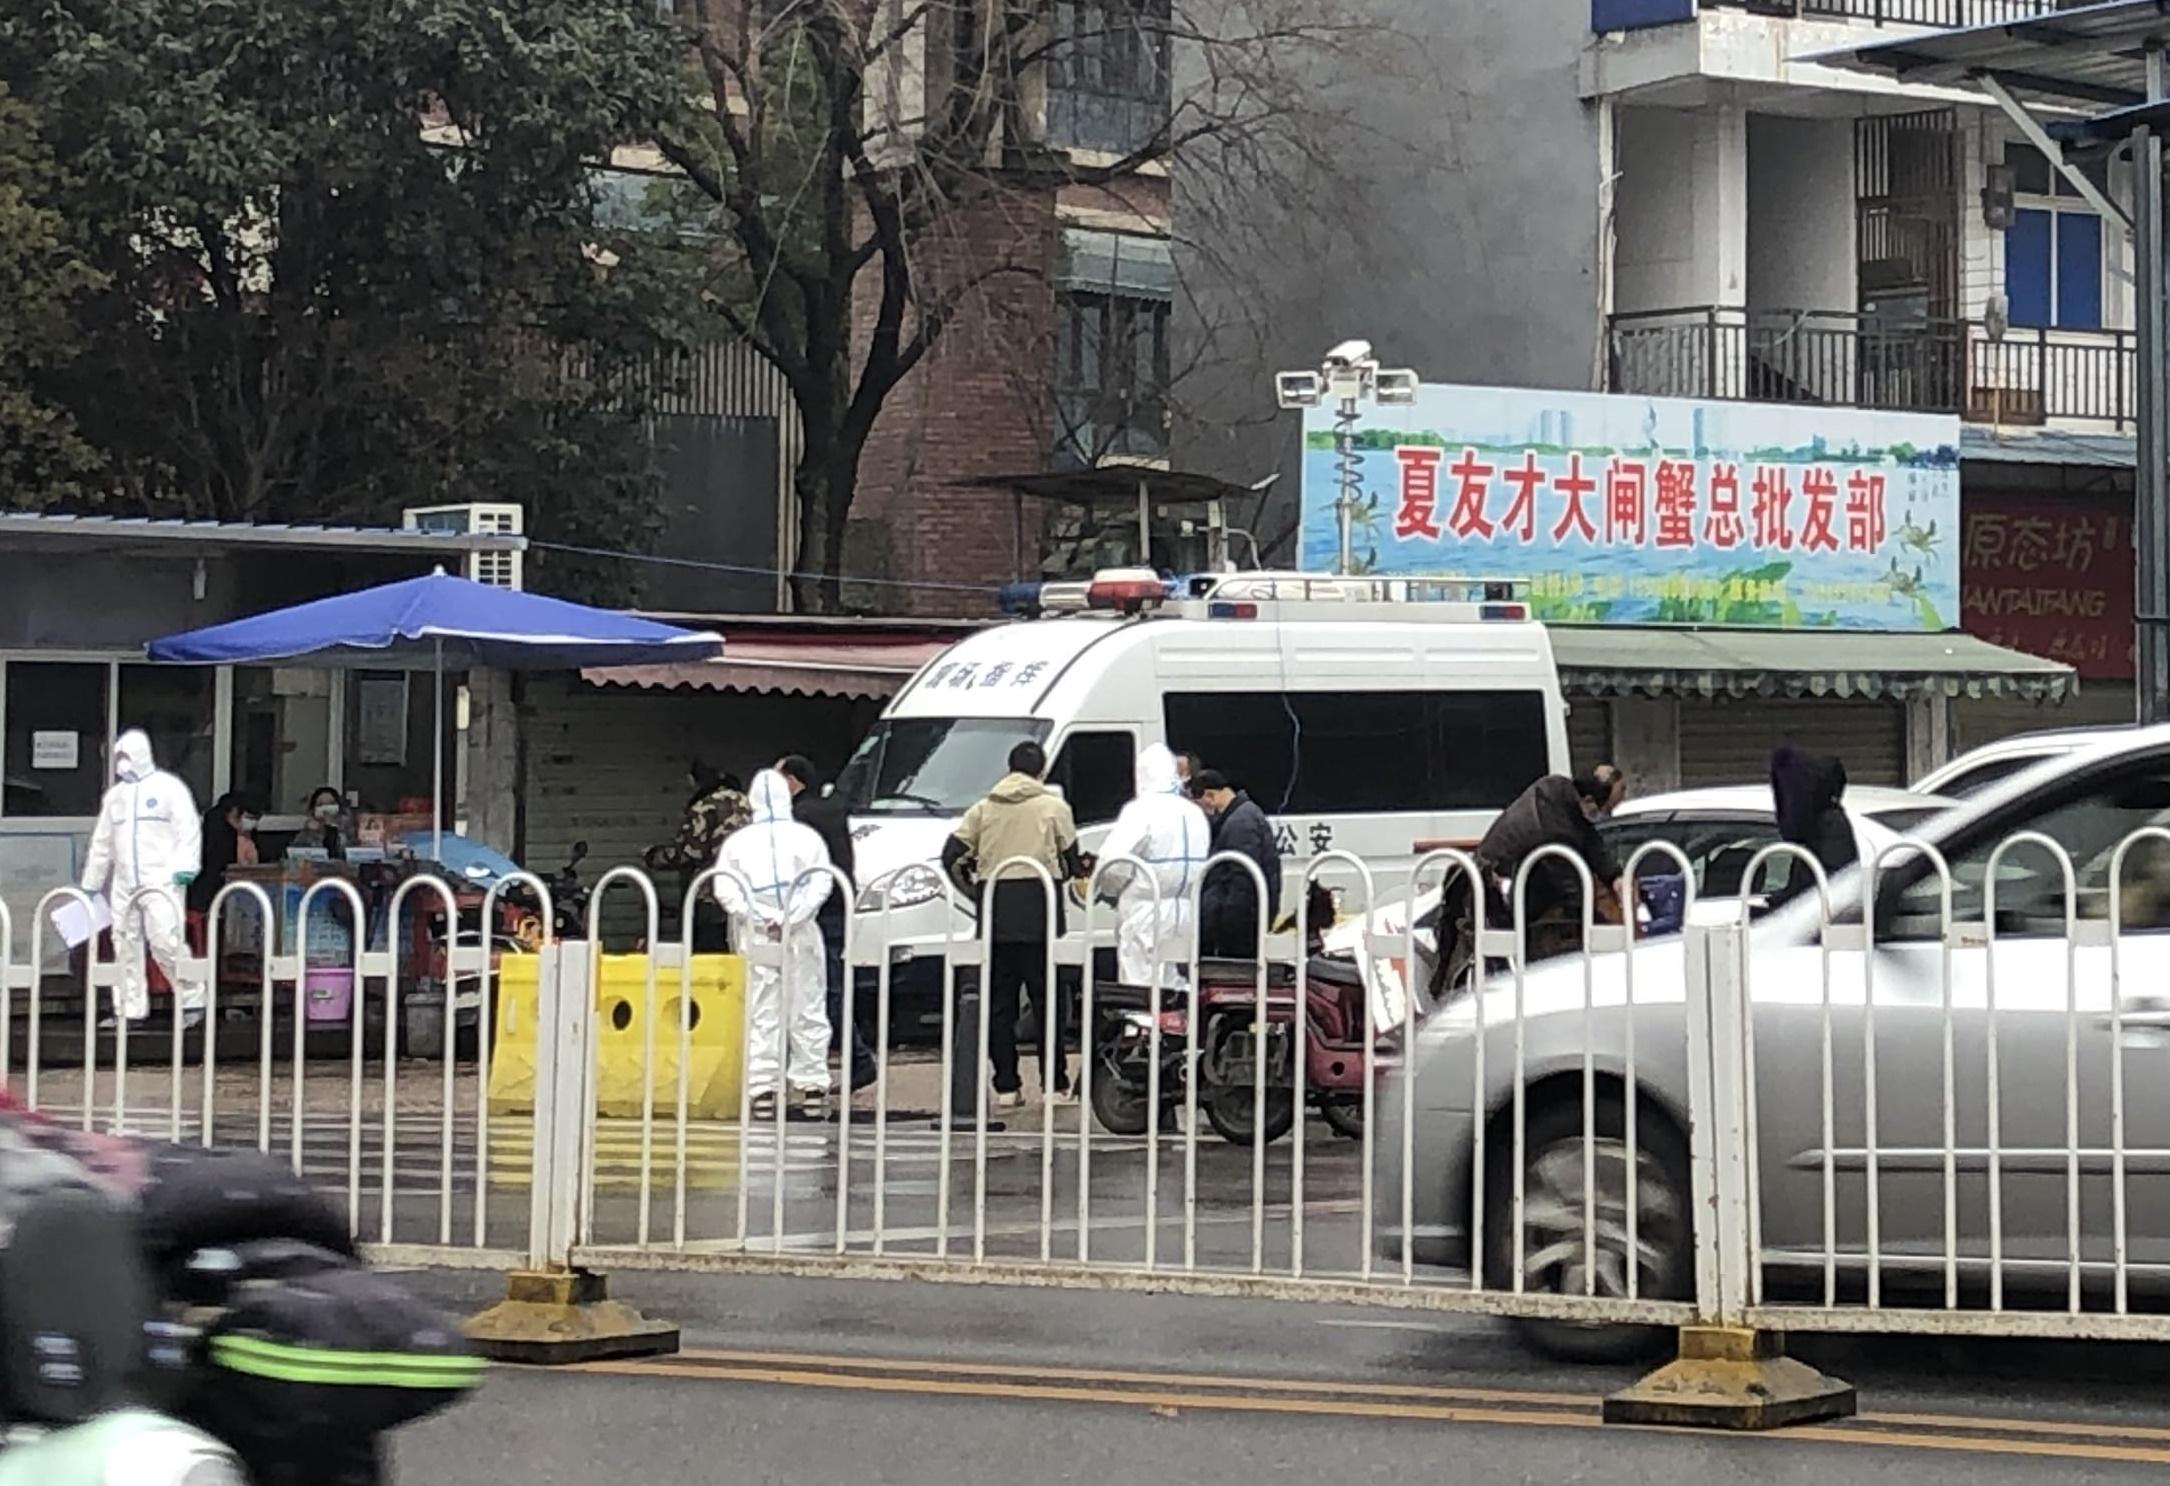 신종 코로나바이러스 발생지 중국 우한 화난시장